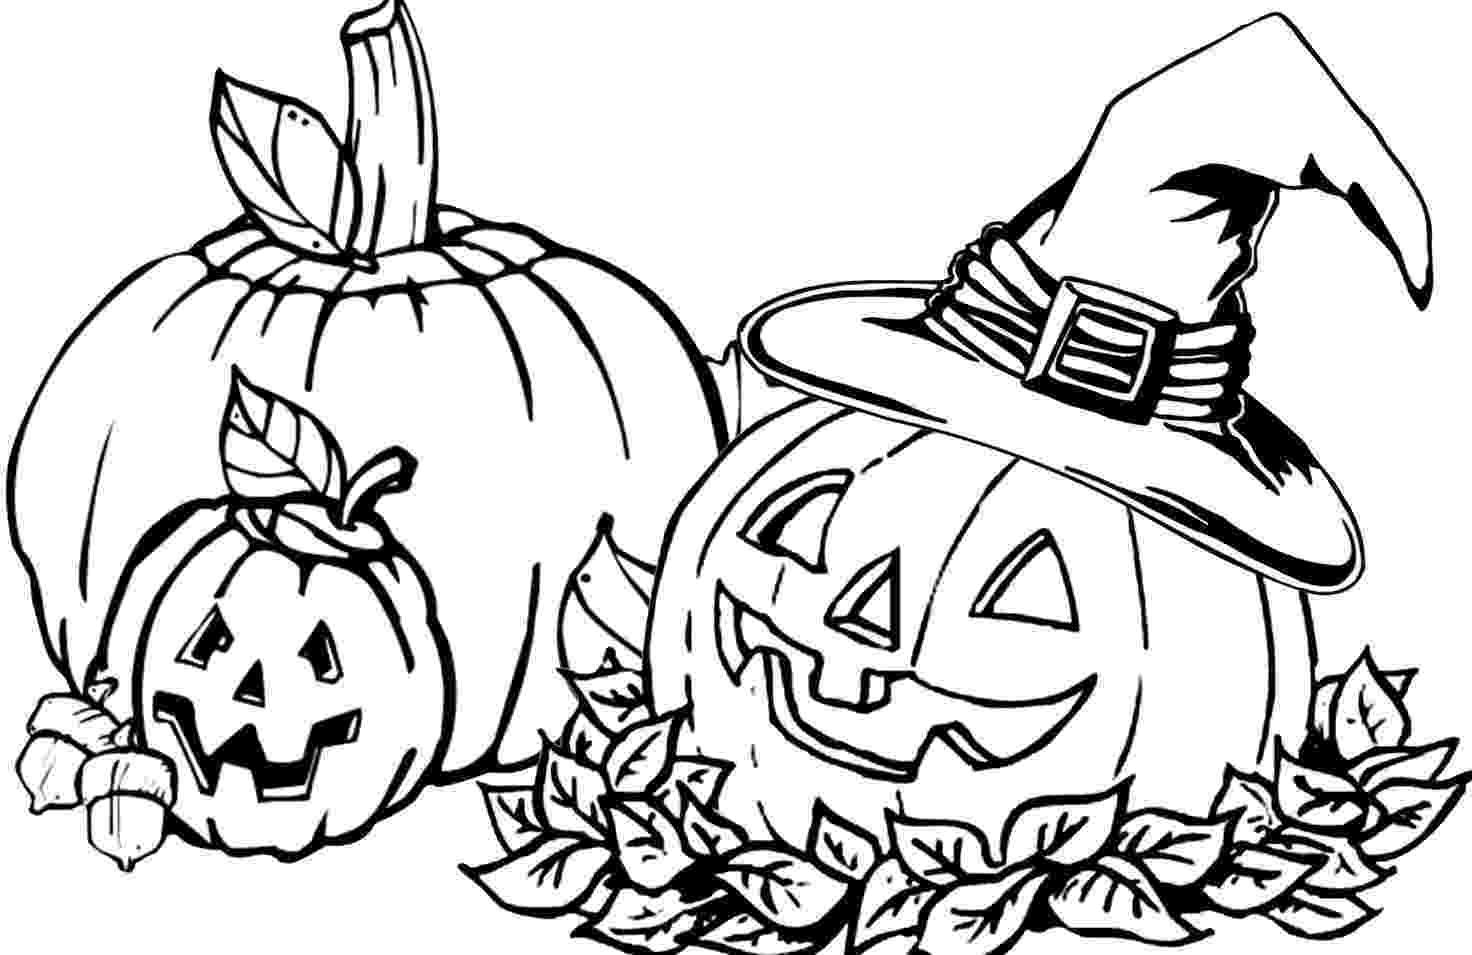 pumpkins coloring page happy fall fun fall books activities updated for fall pumpkins coloring page